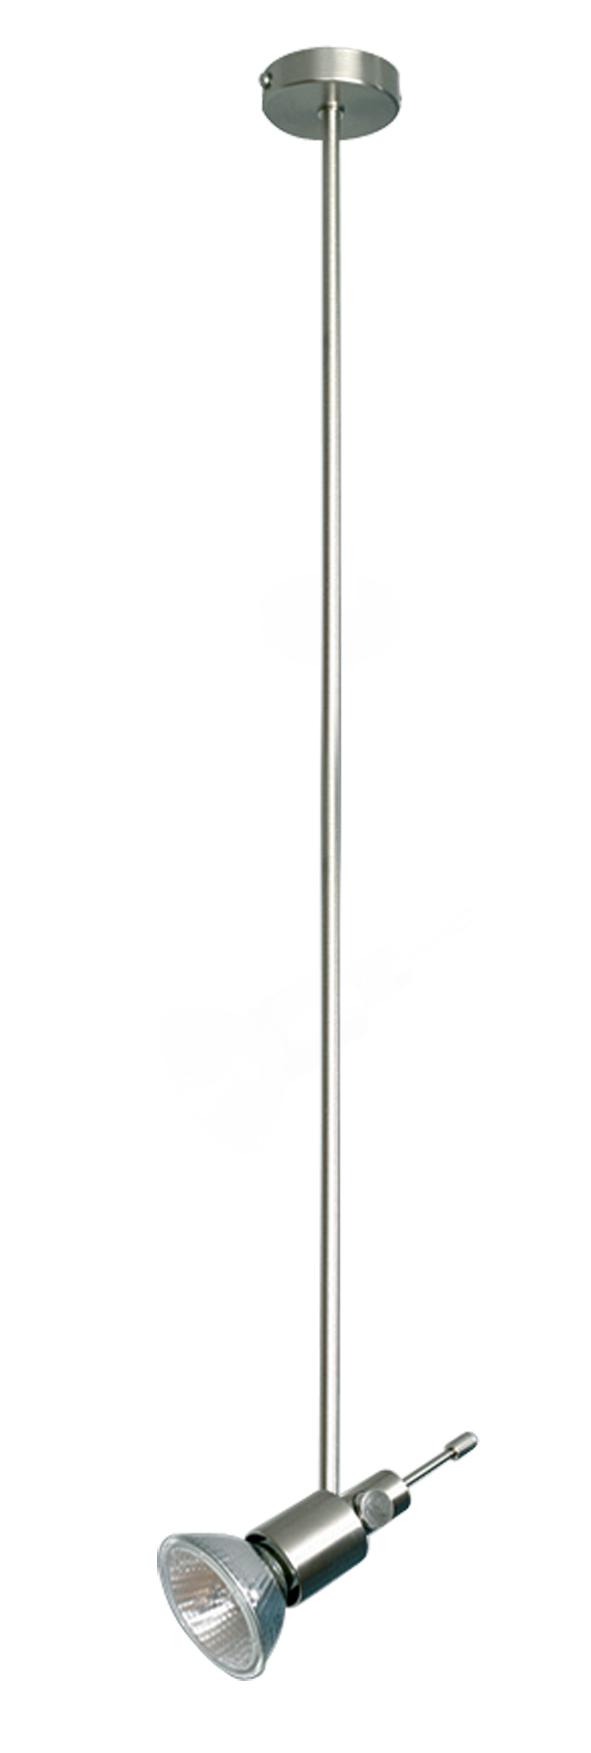 Lampenlux Aufbaustrahler Aufbauleuchte Dural lang 55cm dreh und schwenkbar GU10